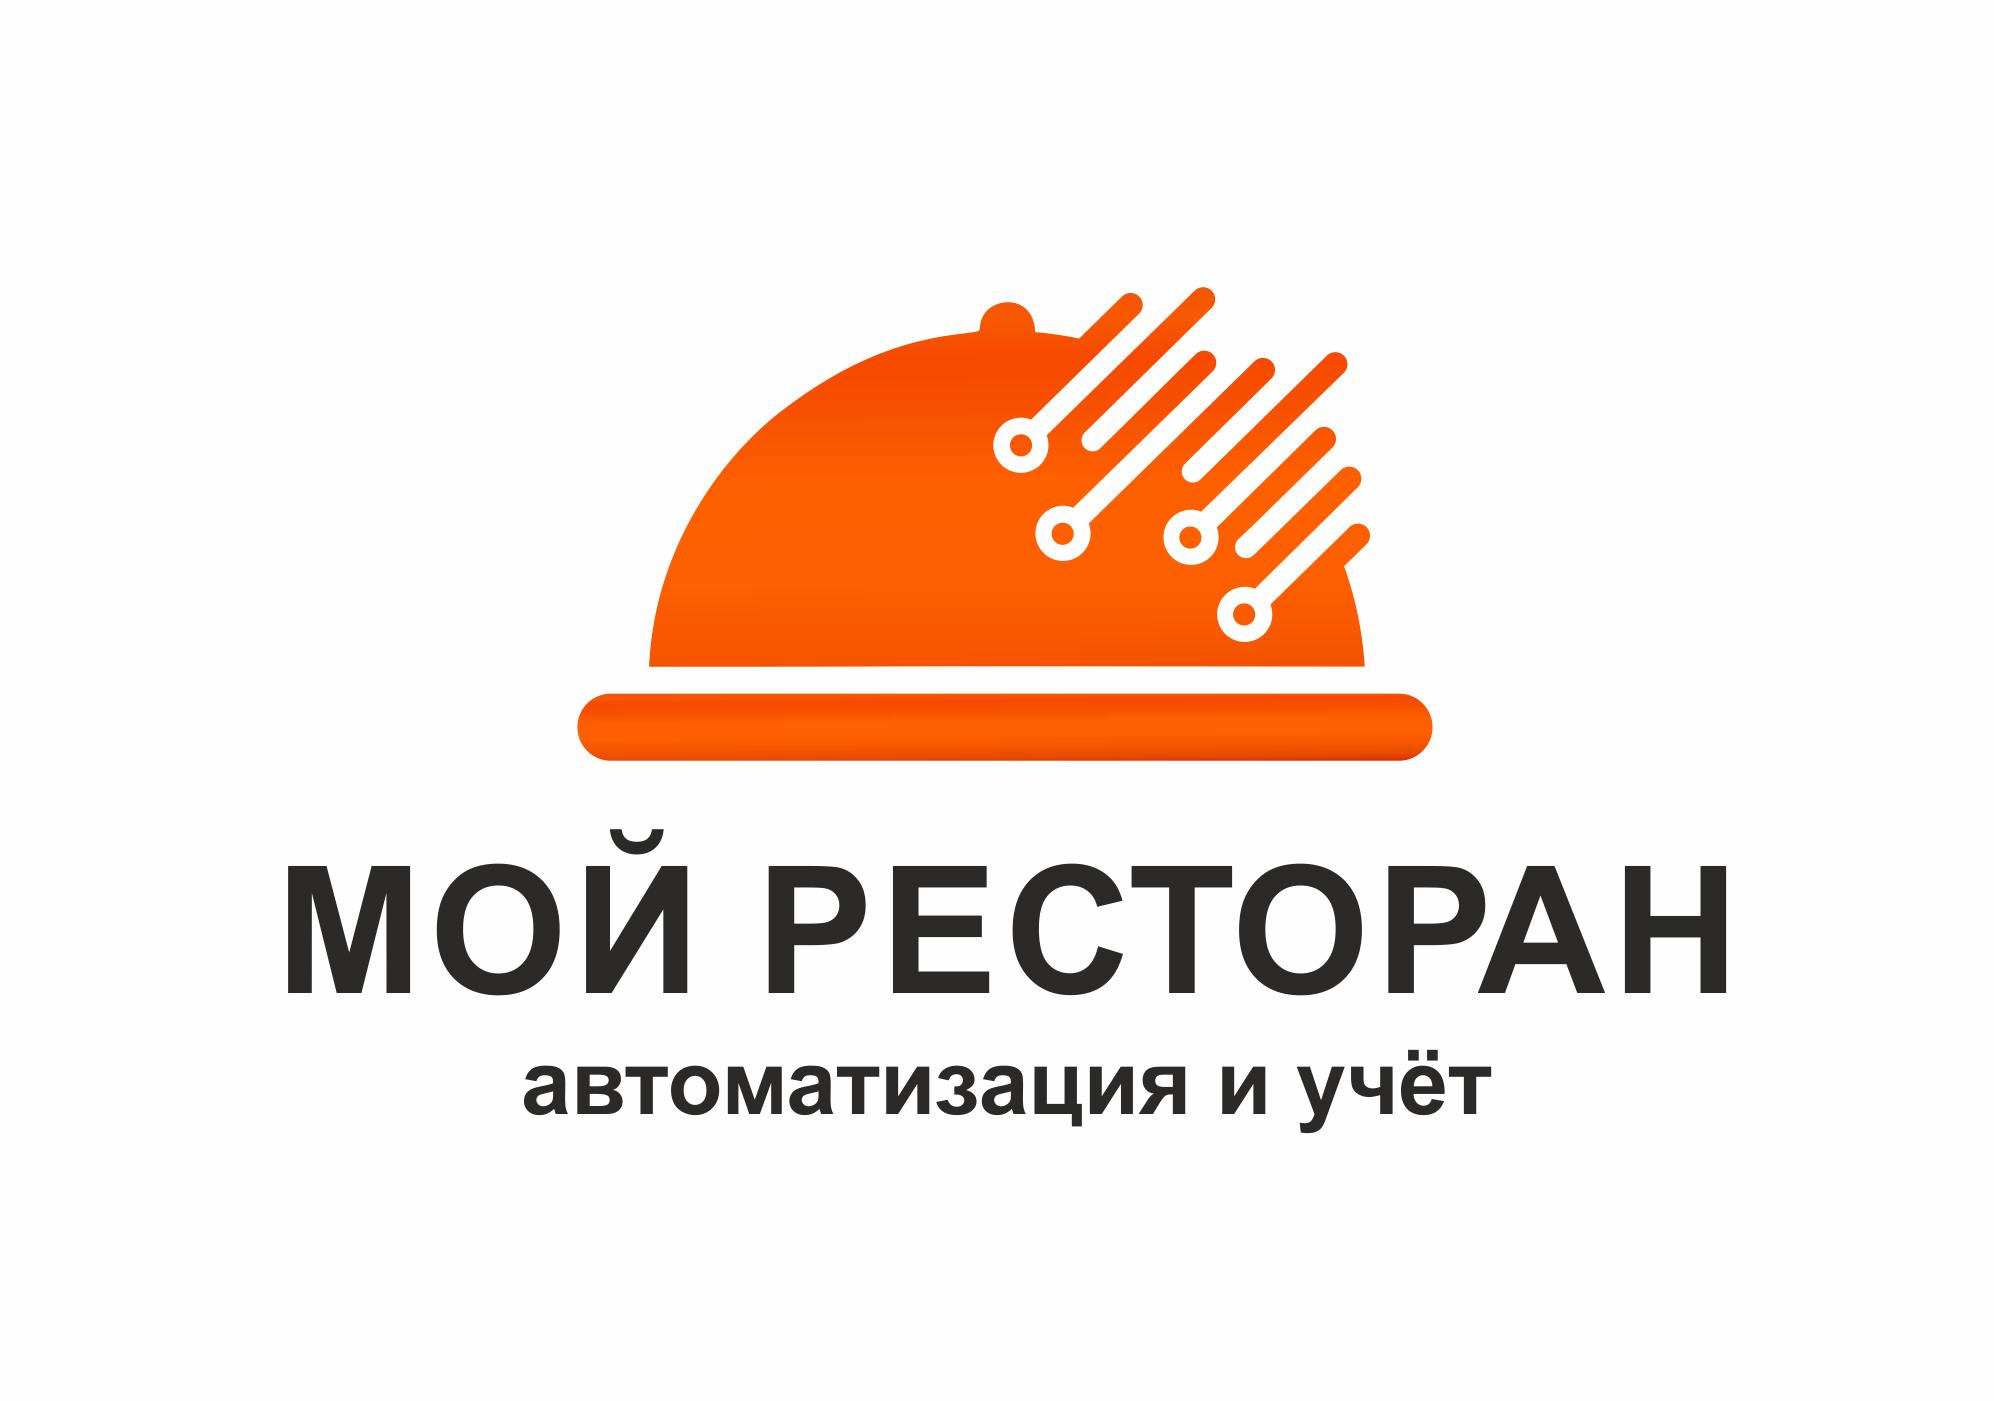 Разработать логотип и фавикон для IT- компании фото f_4955d545c2c8fea2.png